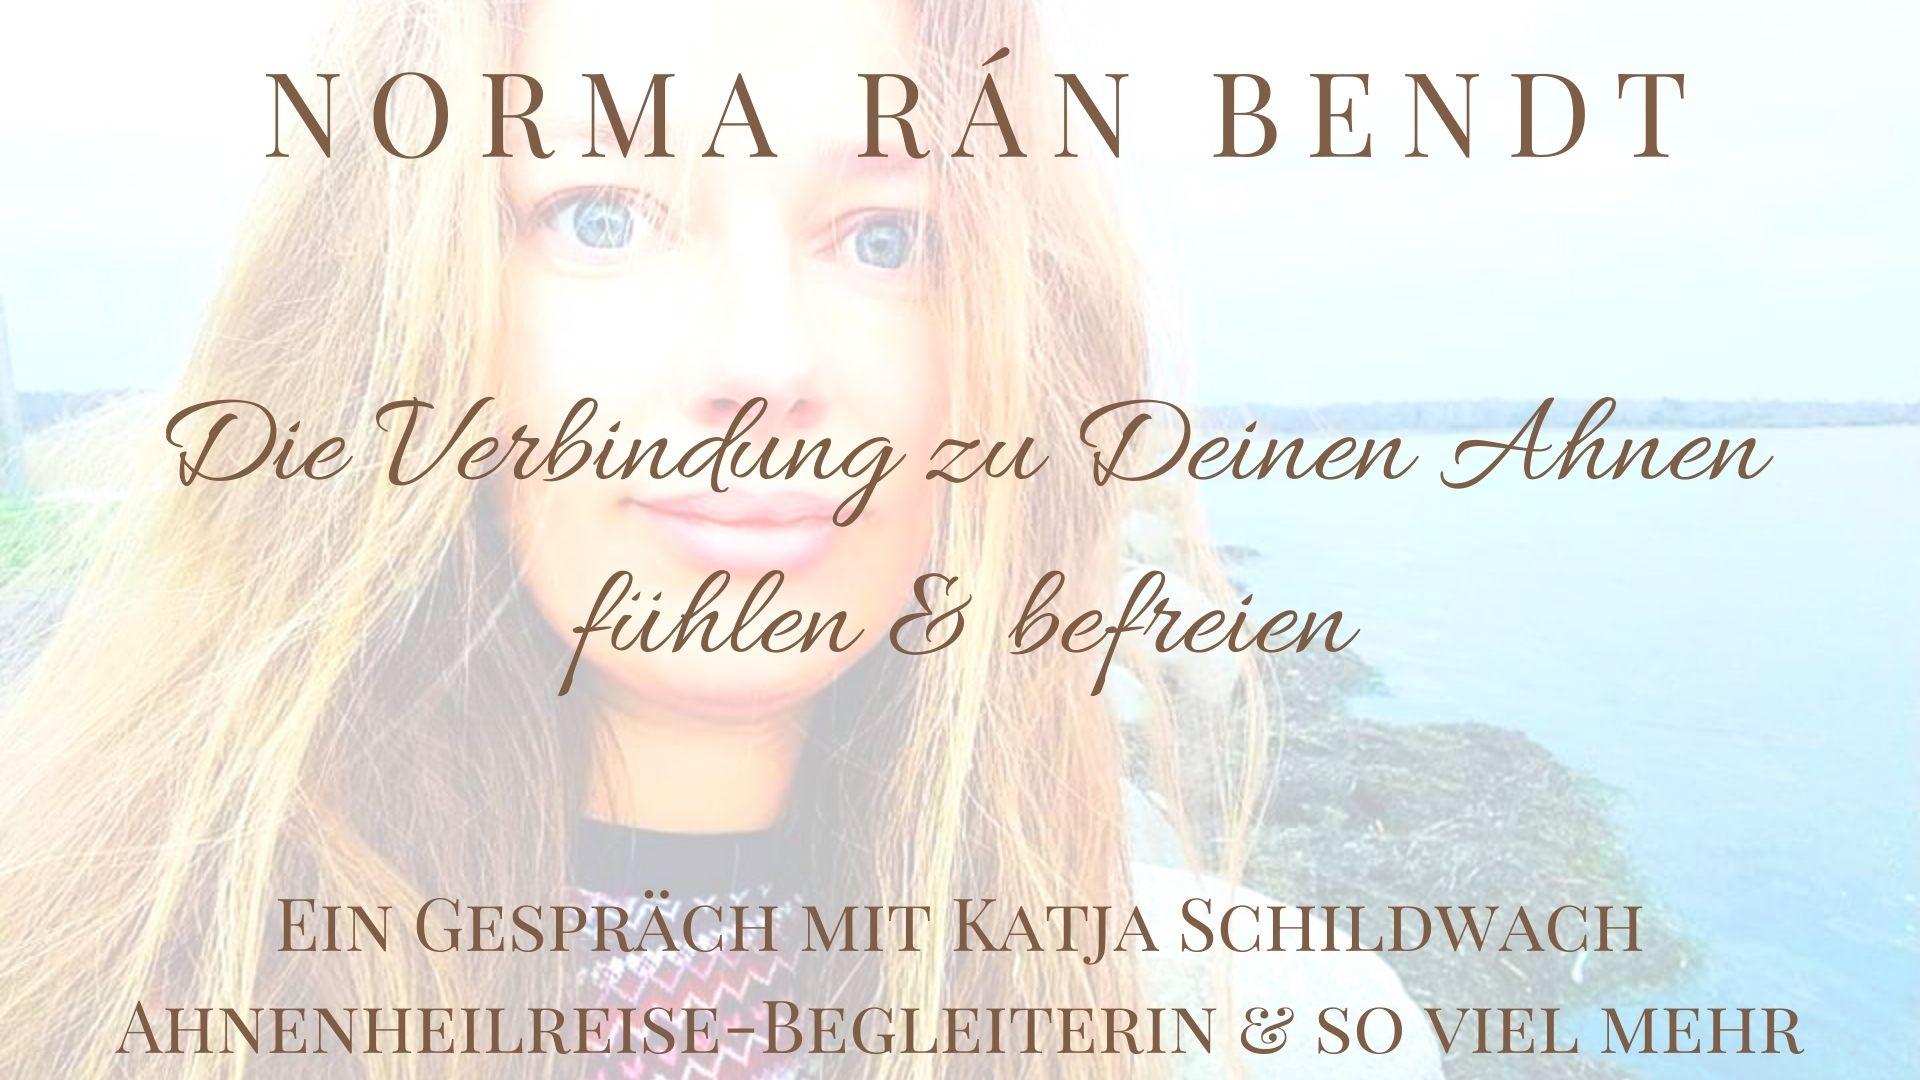 """Lichtgespräch mit Katja Schildwach - Ahnenheilreise-Begleiterin & Stargast in """"Die Neun Wellen"""""""